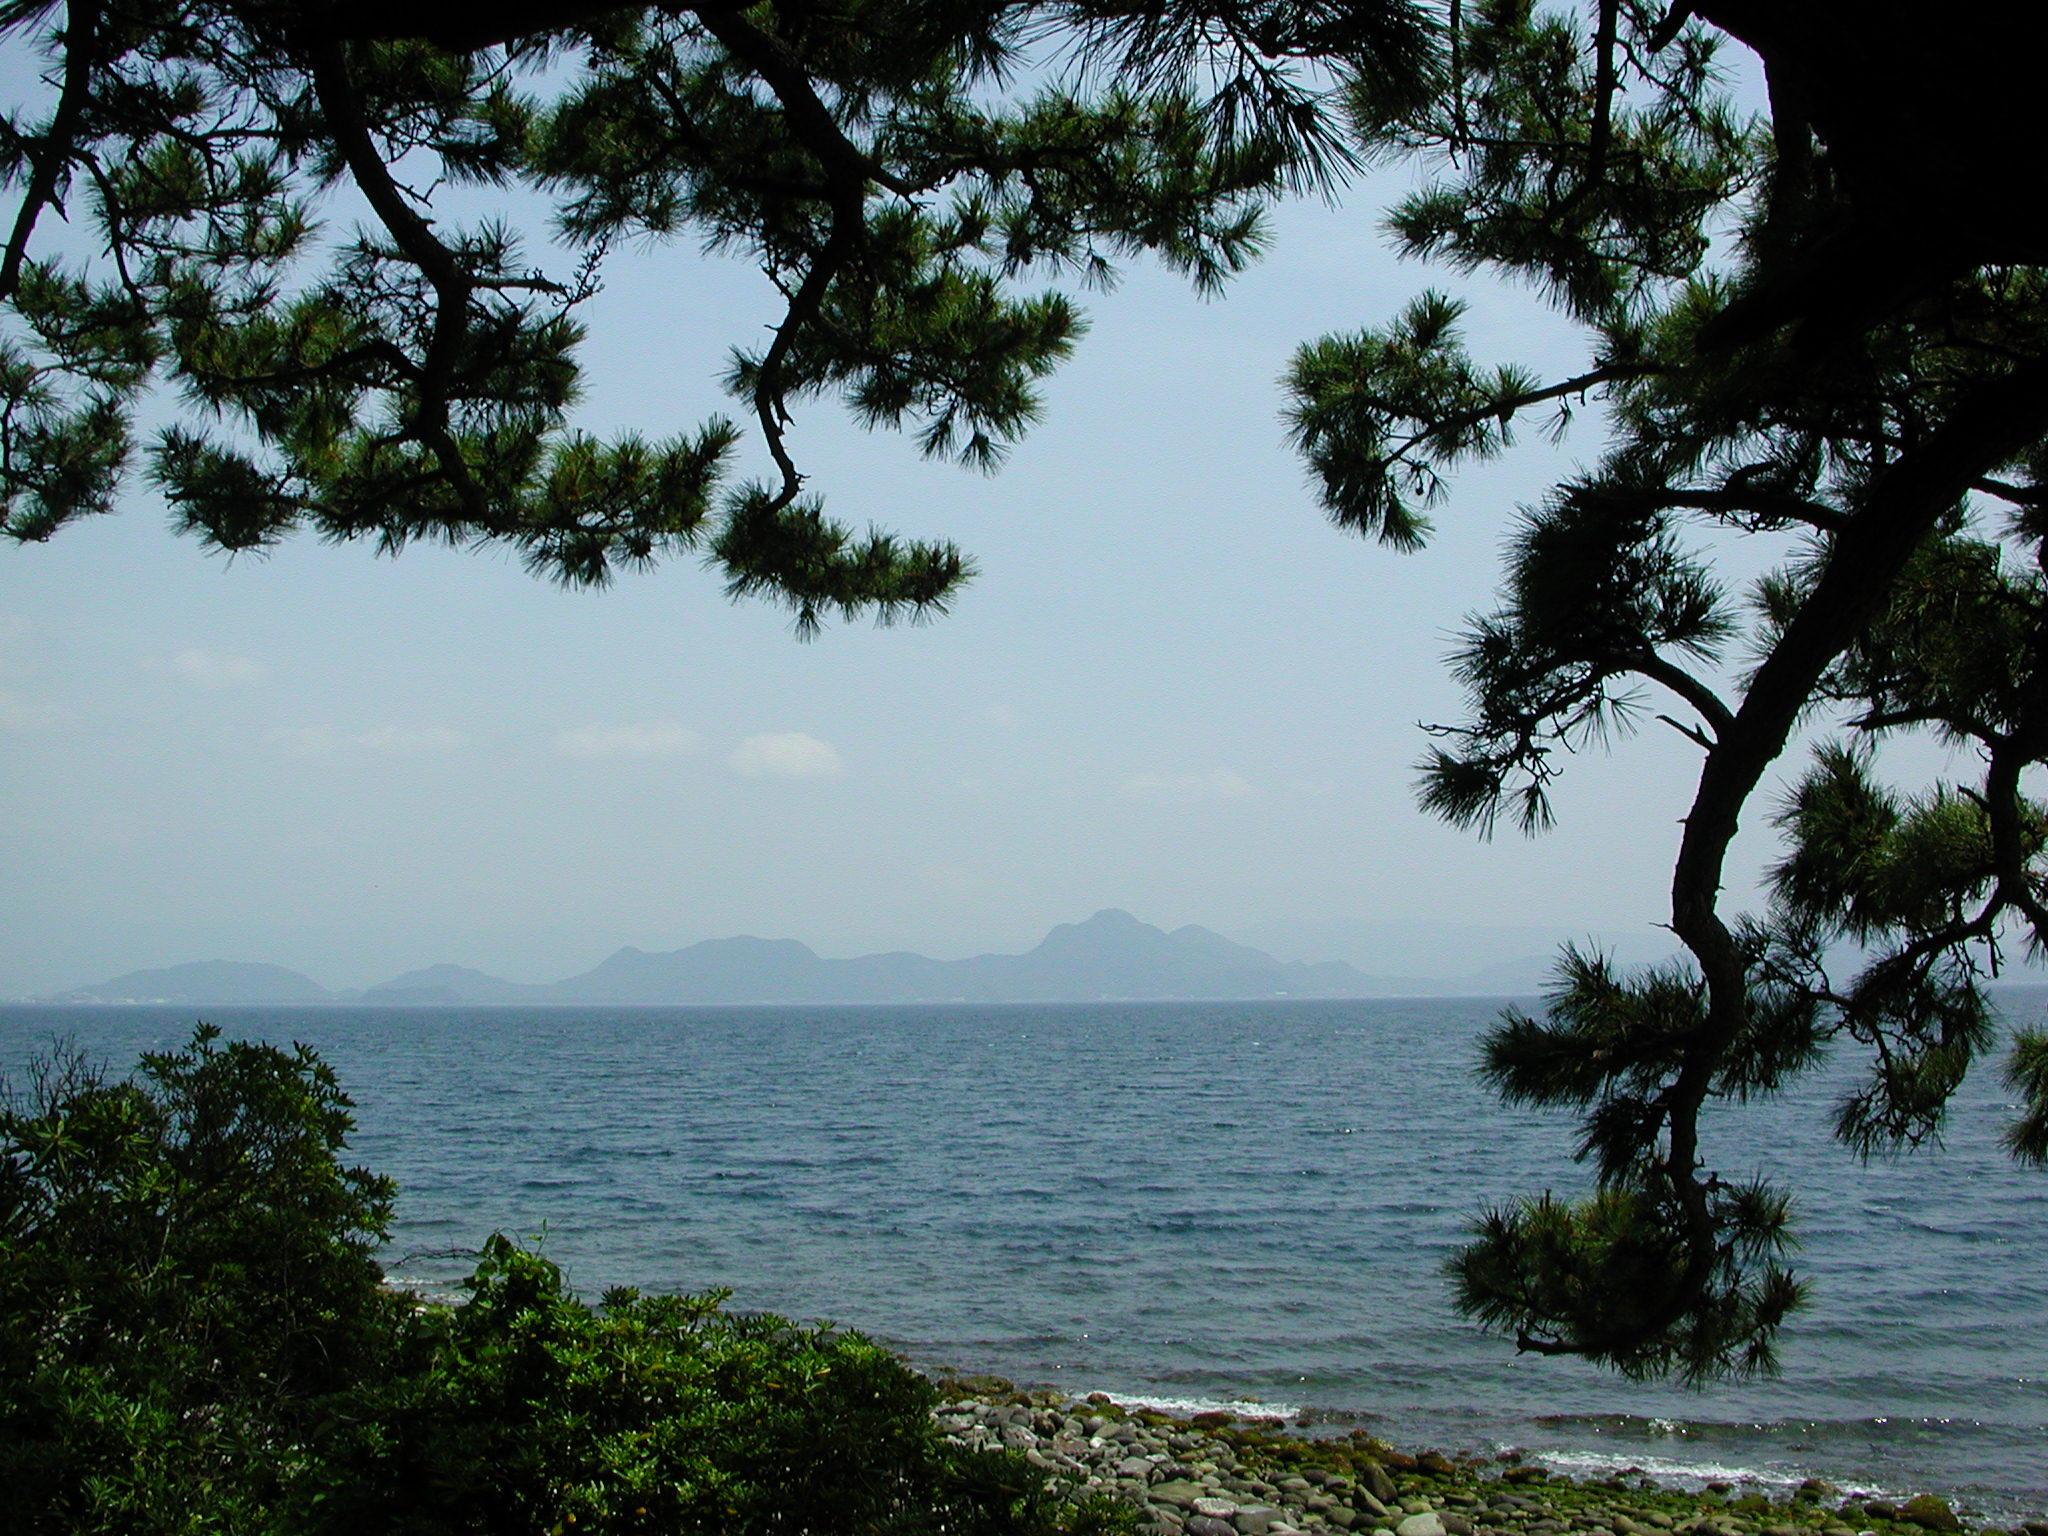 〜静かに海と富士山を眺めるのに最高の場所かも〜